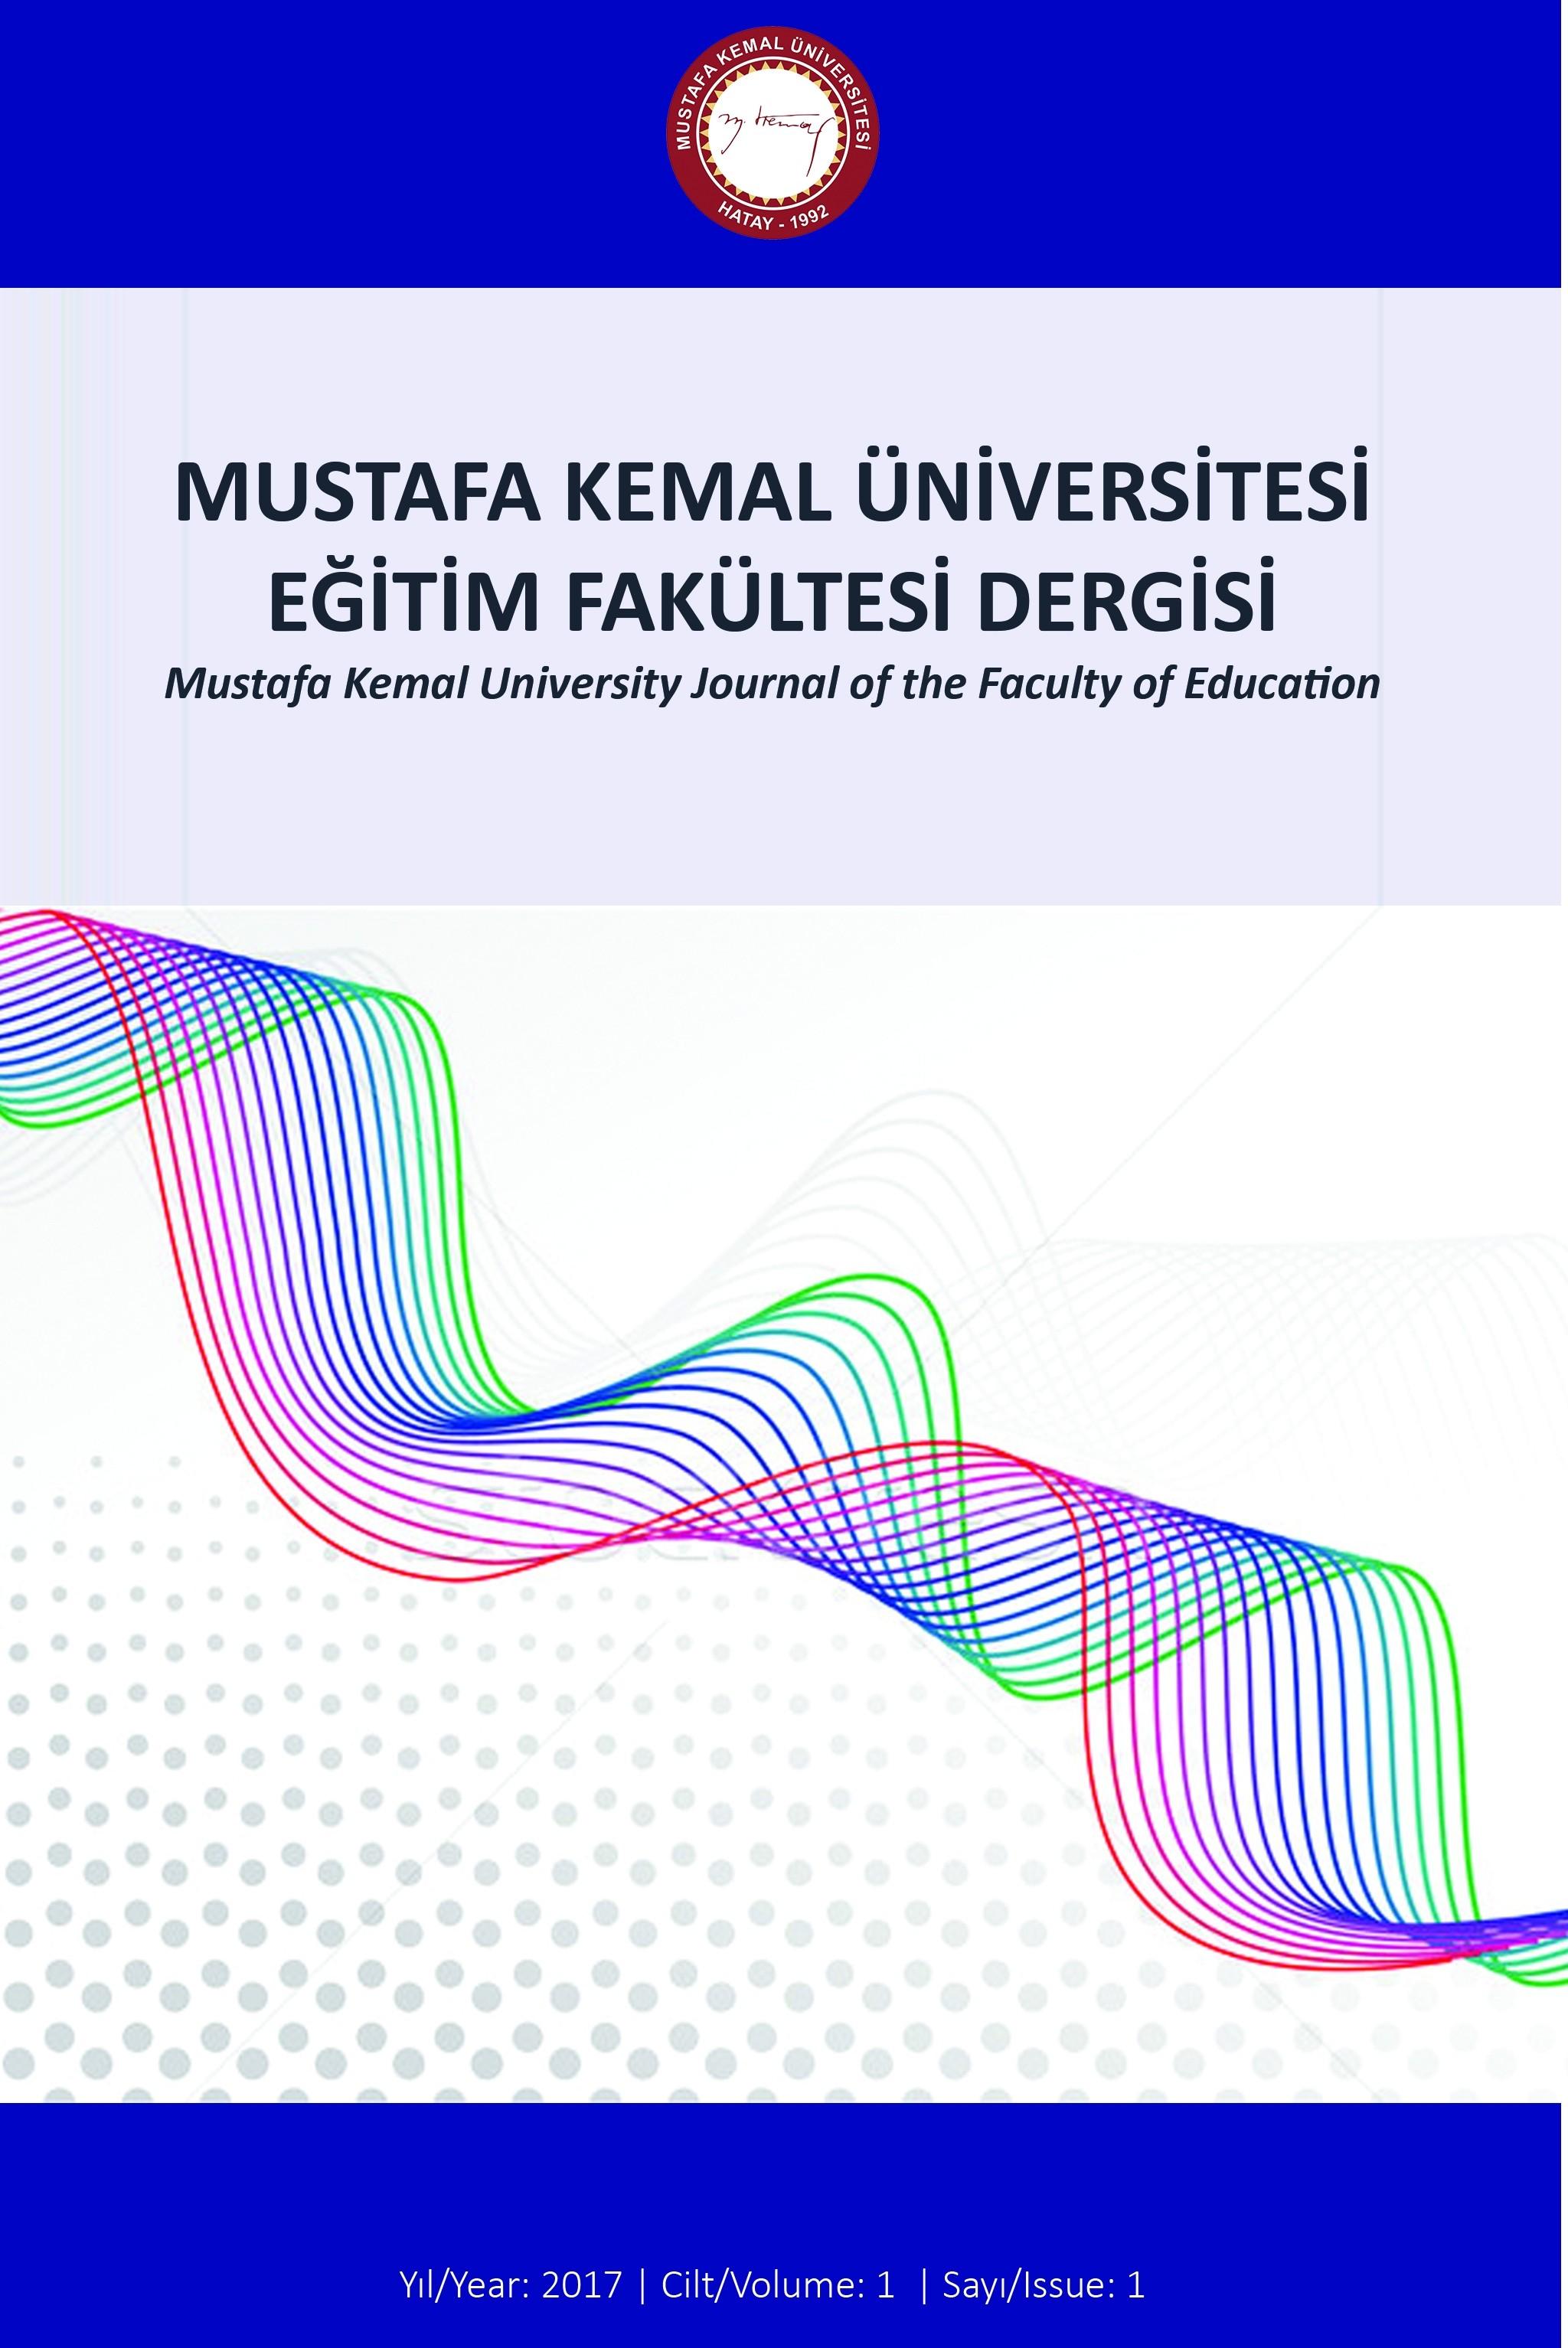 Mustafa Kemal Üniversitesi Eğitim Fakültesi Dergisi